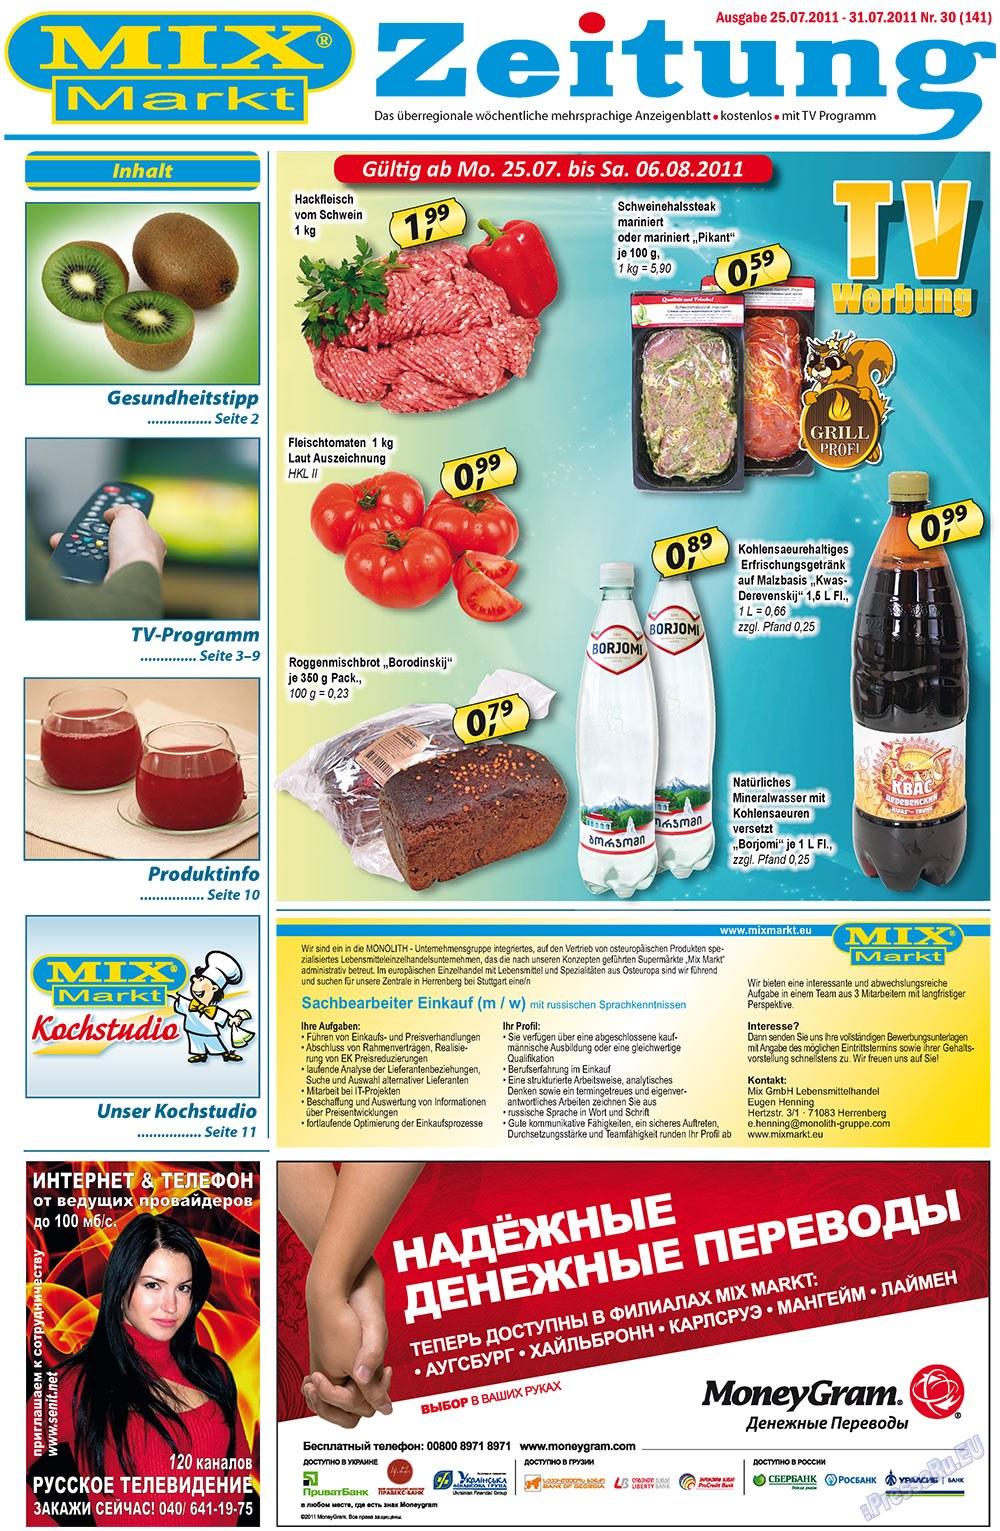 MIX-Markt Zeitung (газета). 2011 год, номер 30, стр. 1